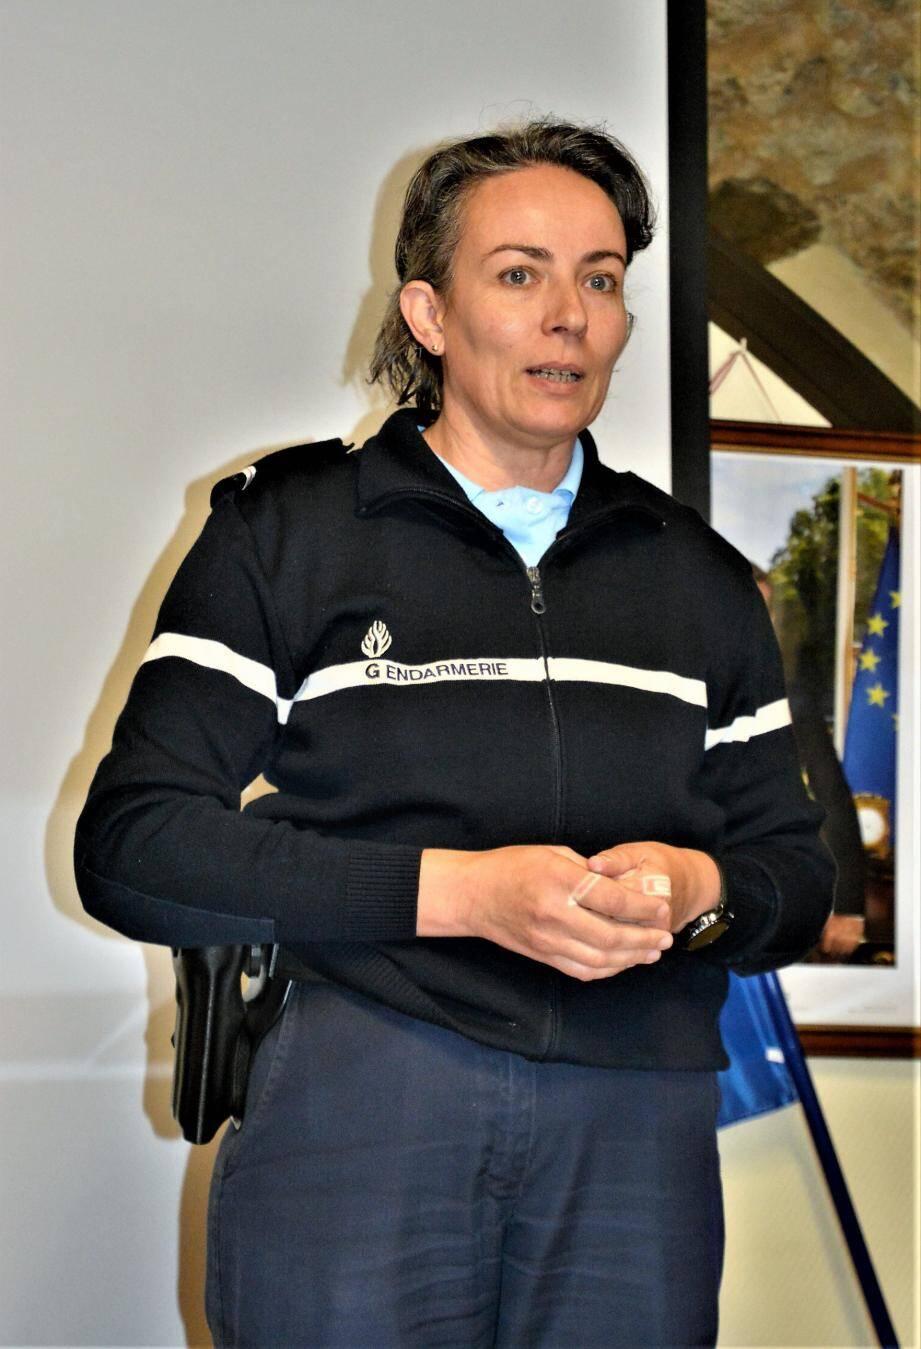 Quarante-quatre personnes sont venues écouter les conseils de préventions dispensés par l'adjudant-chef Lefebvre, de la brigade de La Roquebrussanne (à droite), et un policier municipal.